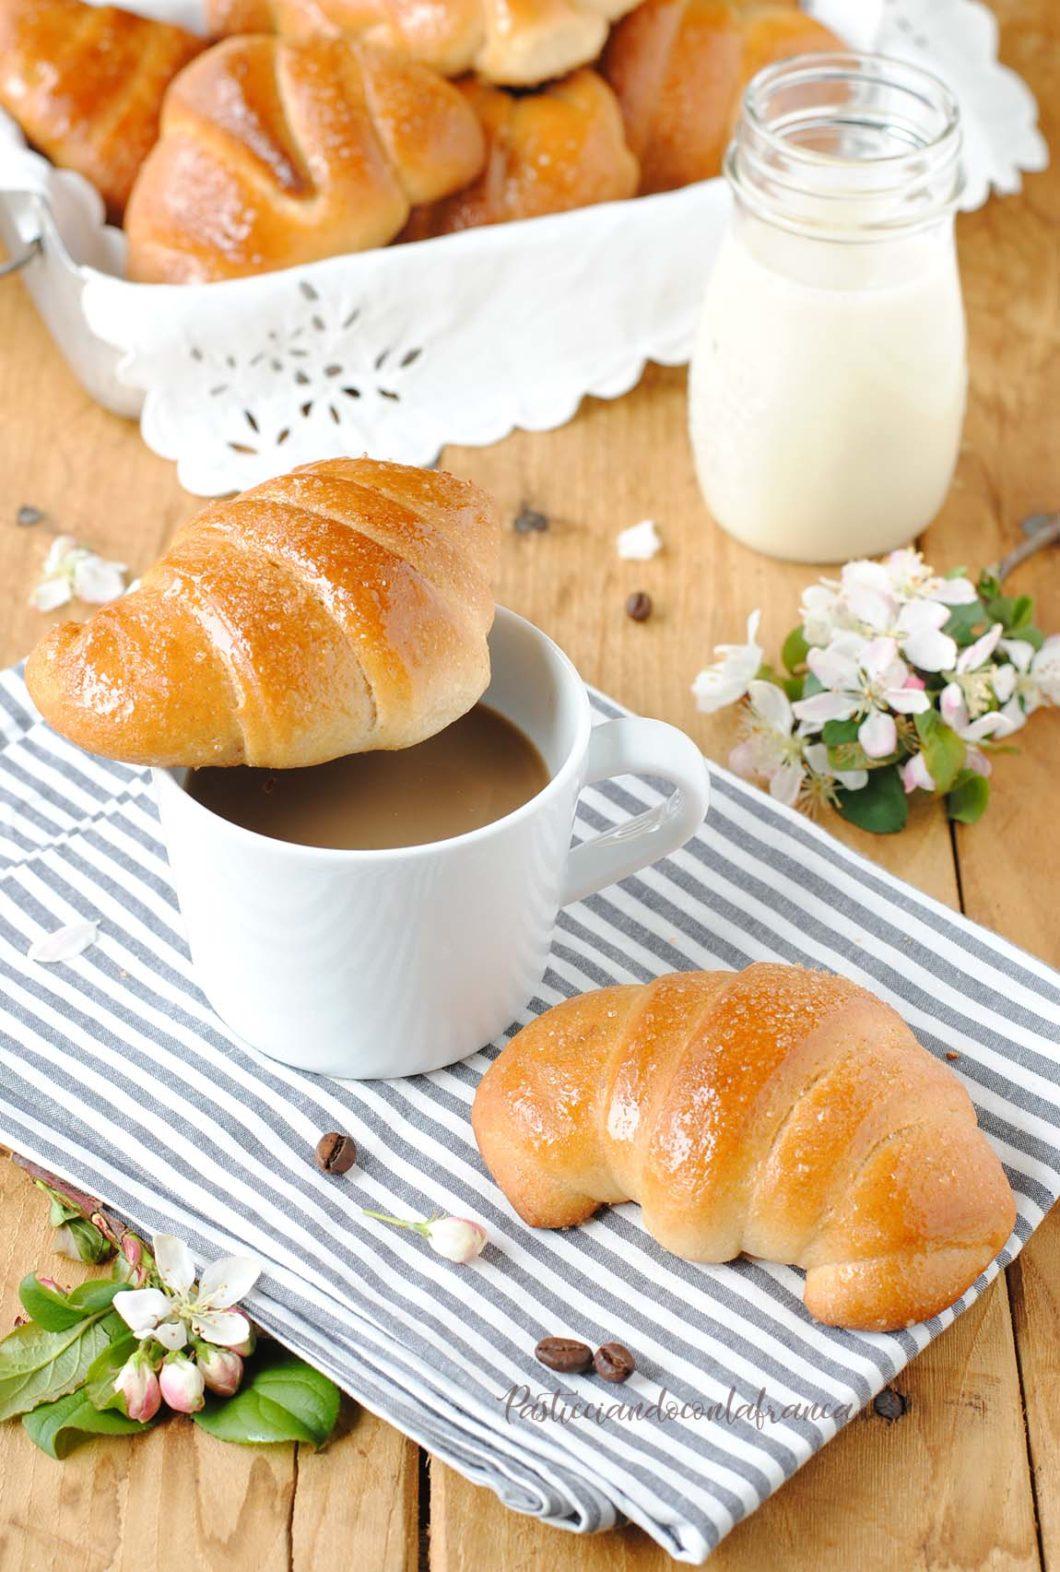 questa immagine rappresenta cornetti vegani fatti in casa ricetta di pasticciandoconlafranca